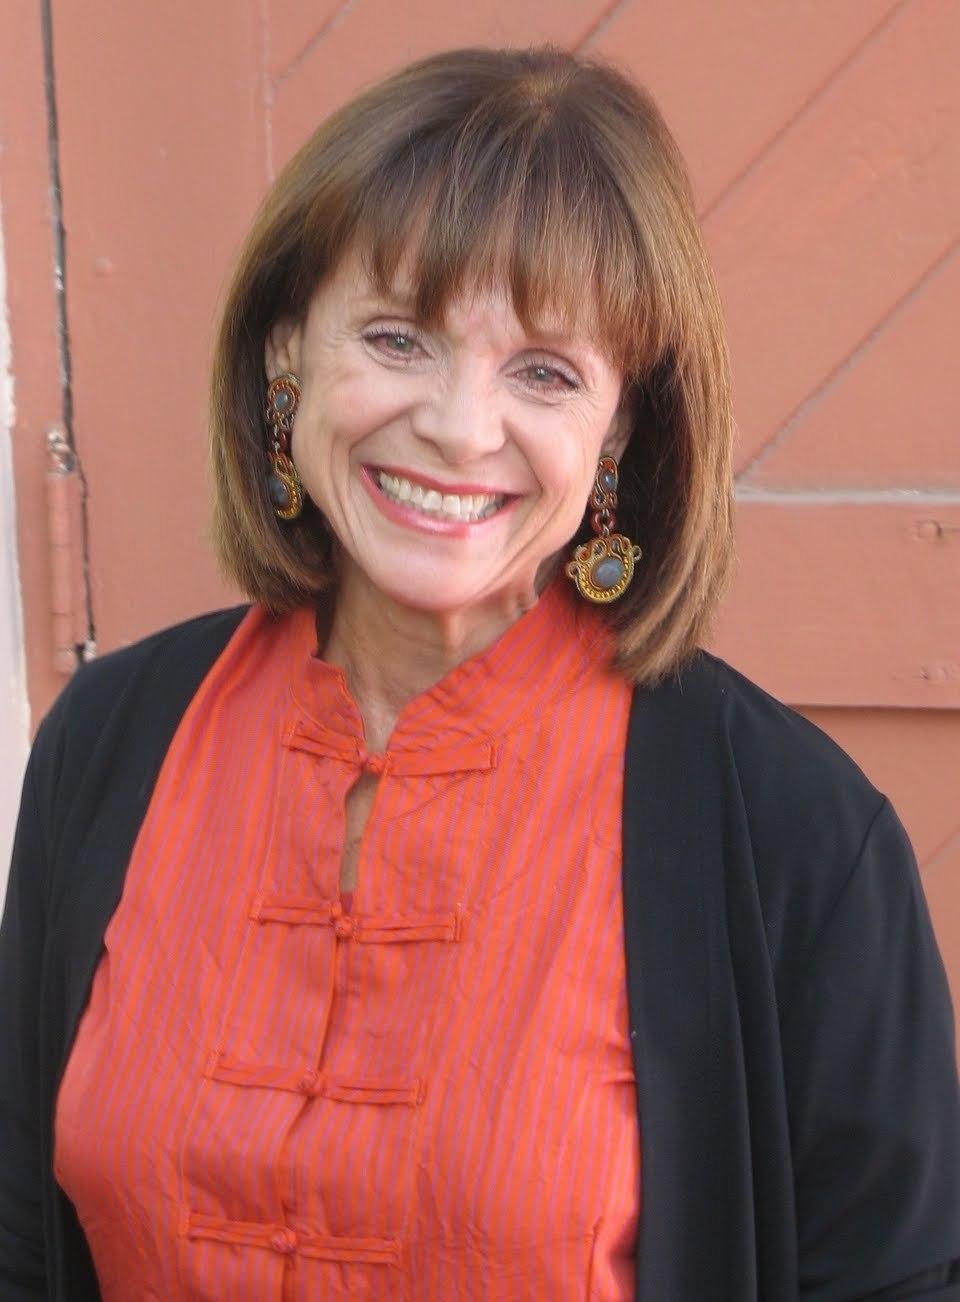 Valerie Harper Net Worth